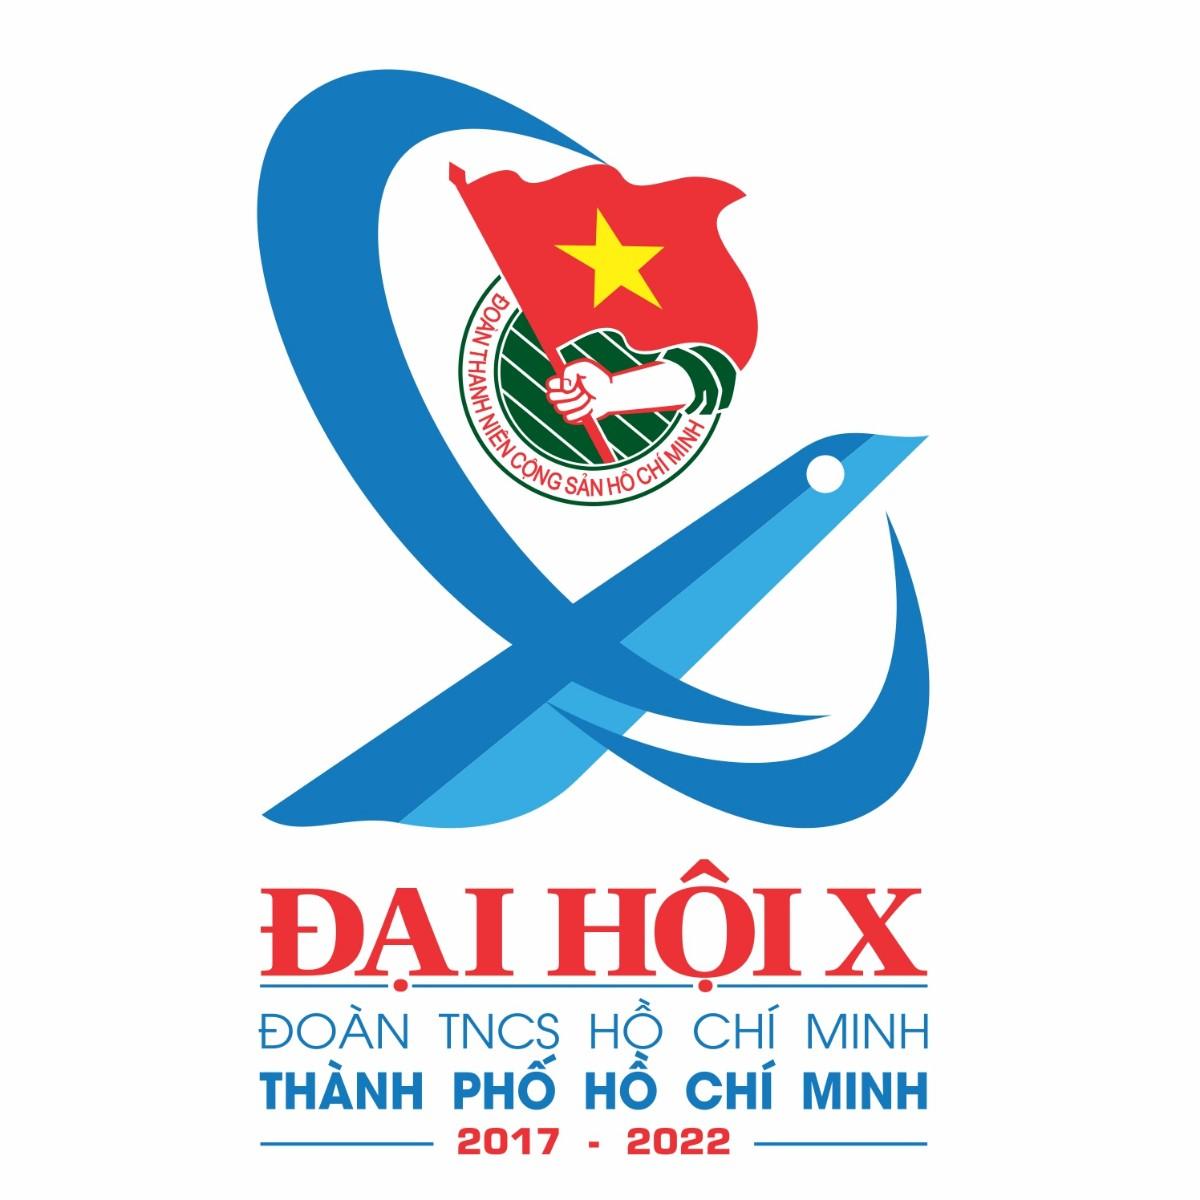 Cùng góp ý cho dự thảo Văn kiện Đại hội đại biểu Đoàn TNCS Hồ Chí Minh TP. Hồ Chí Minh lần thứ X, nhiệm kỳ 2017 – 2022